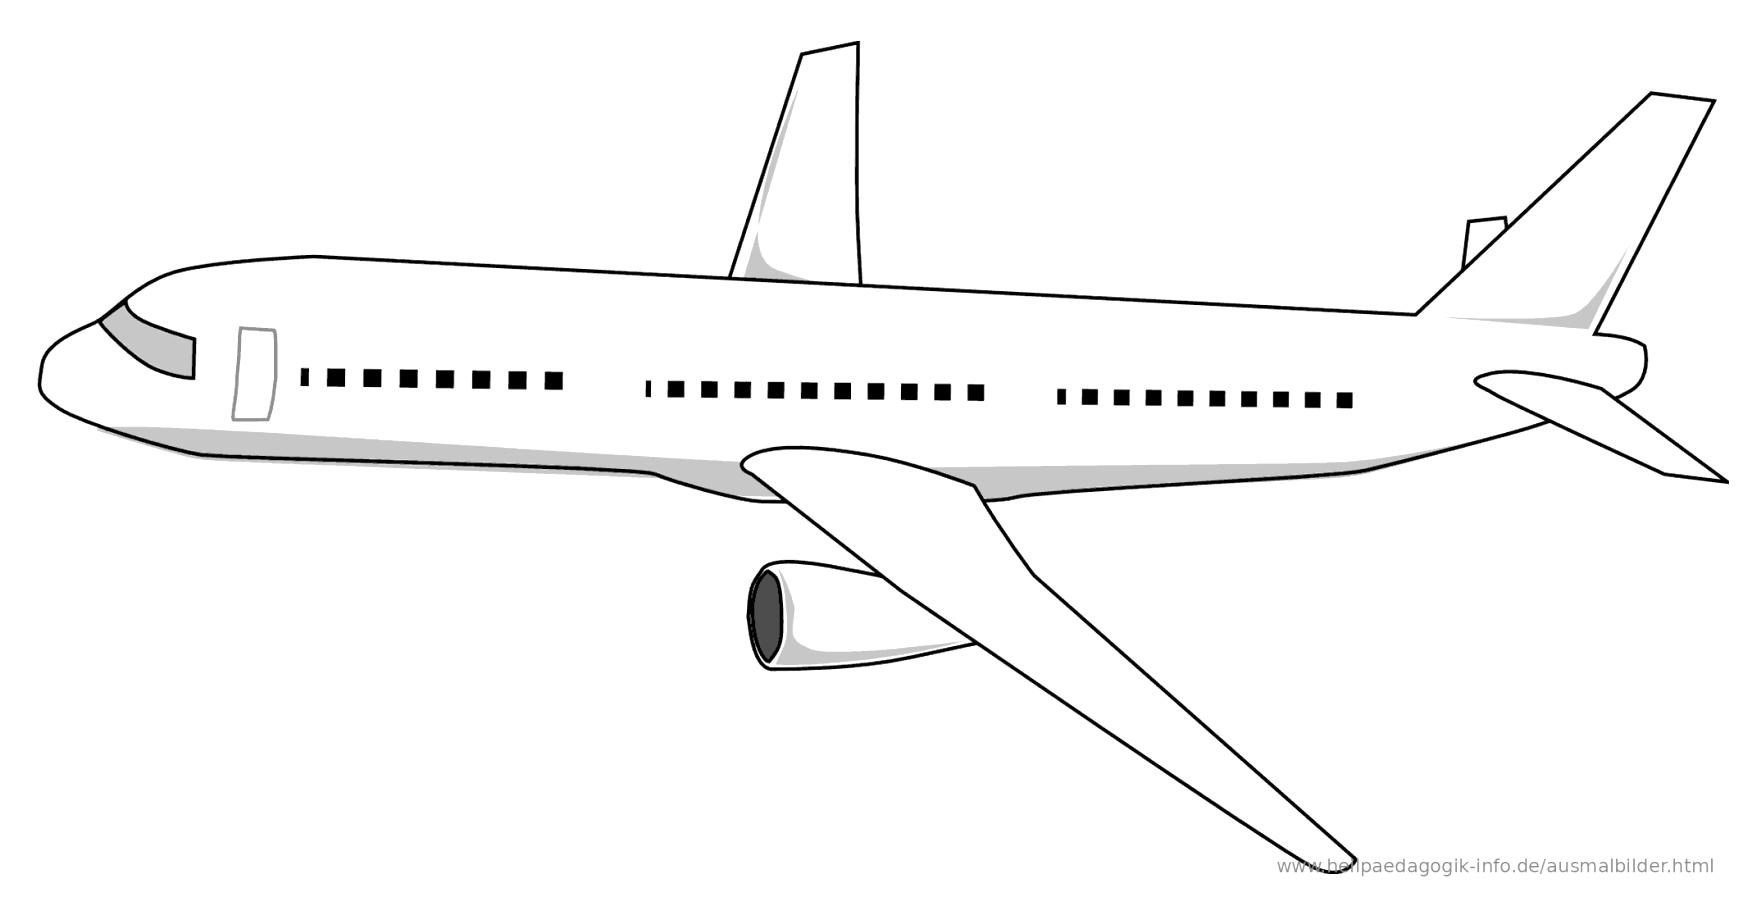 groß flugzeug malvorlage kostenlos galerie in 2021